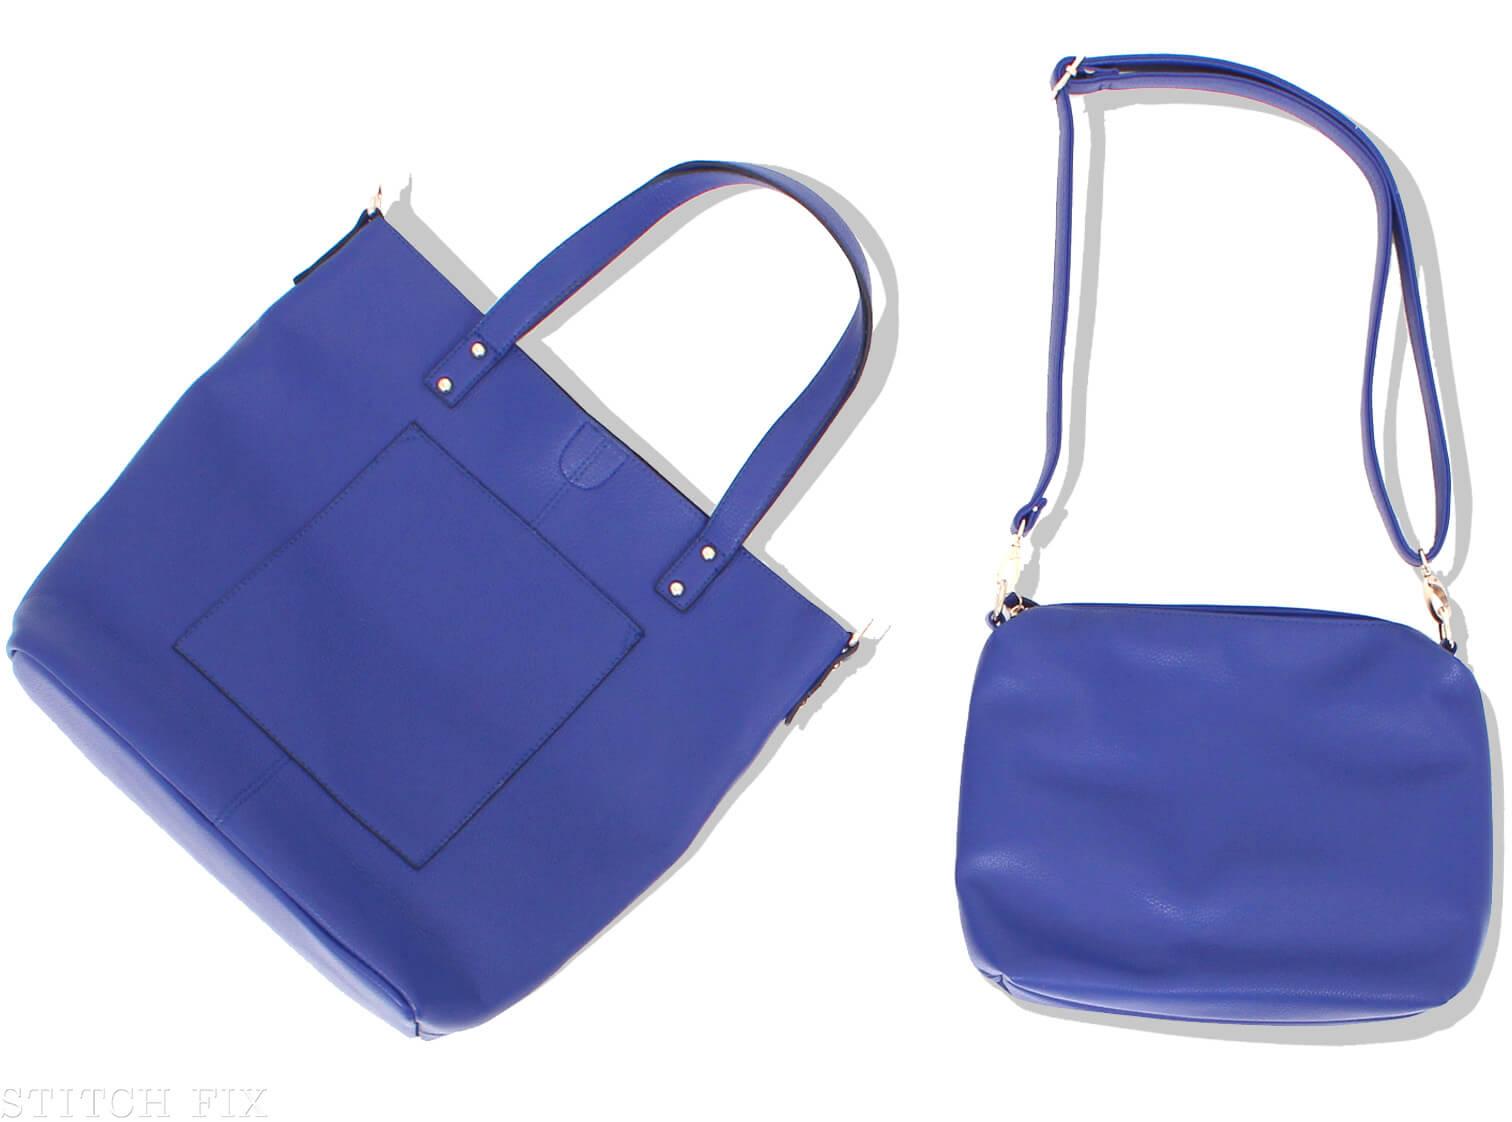 Bag Series 2